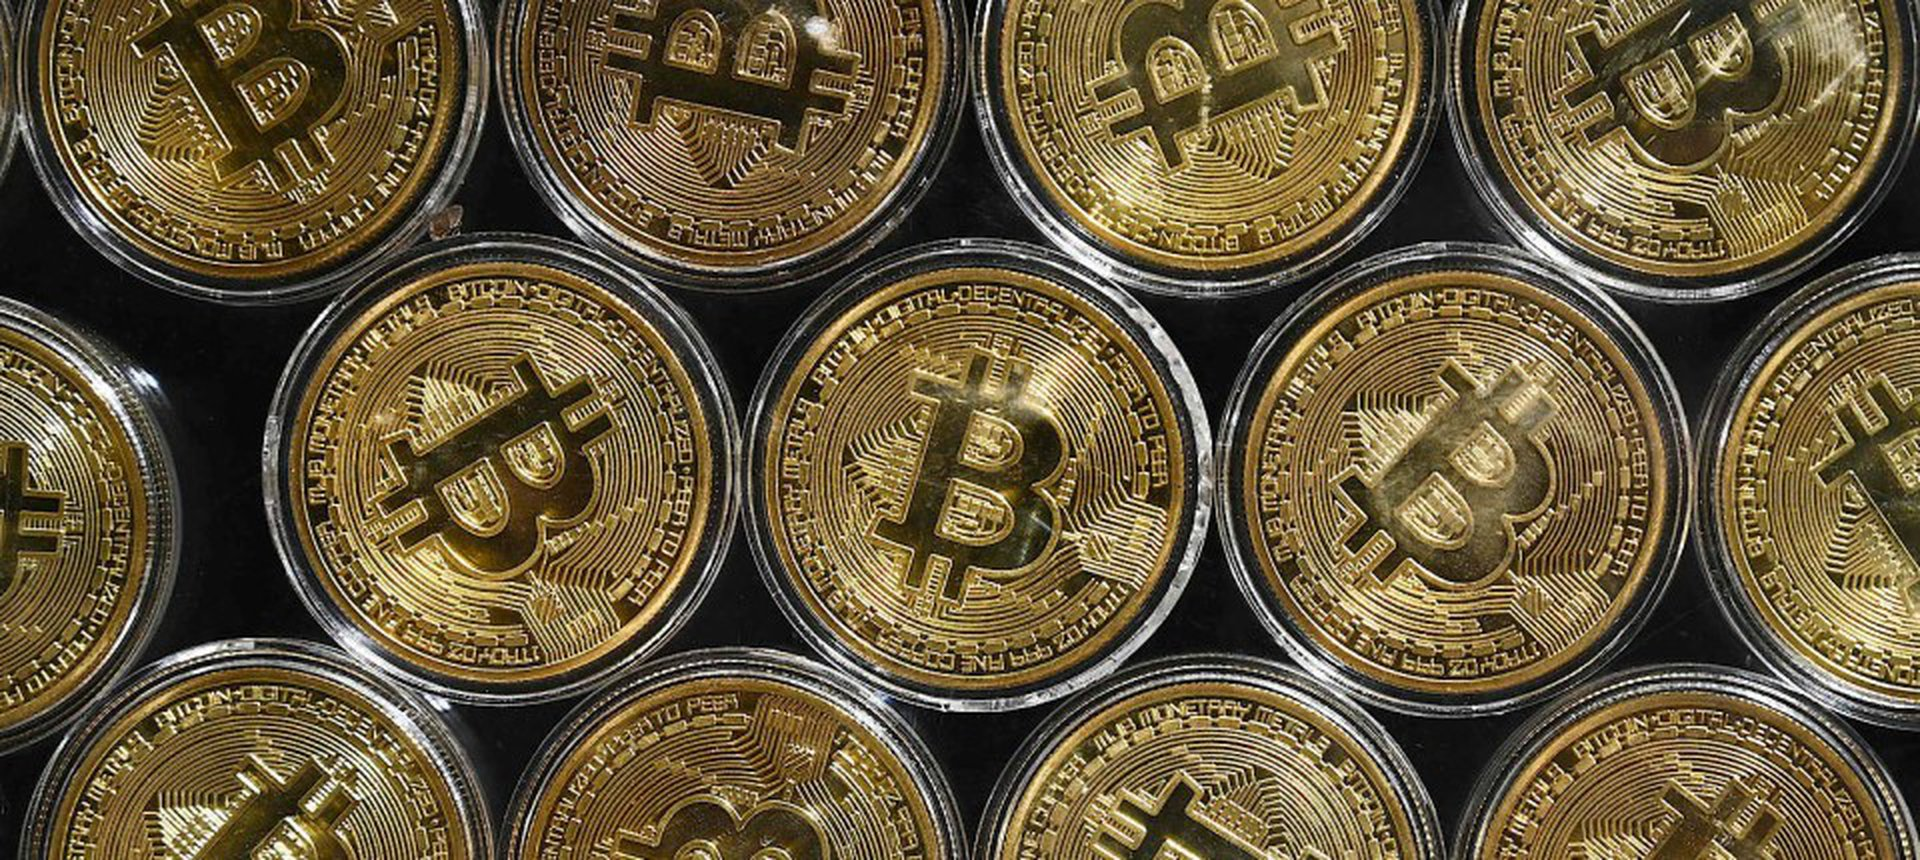 Bitcoin Kurs aktuell Bitcoin auf dem höchsten Stand seit Mitte März